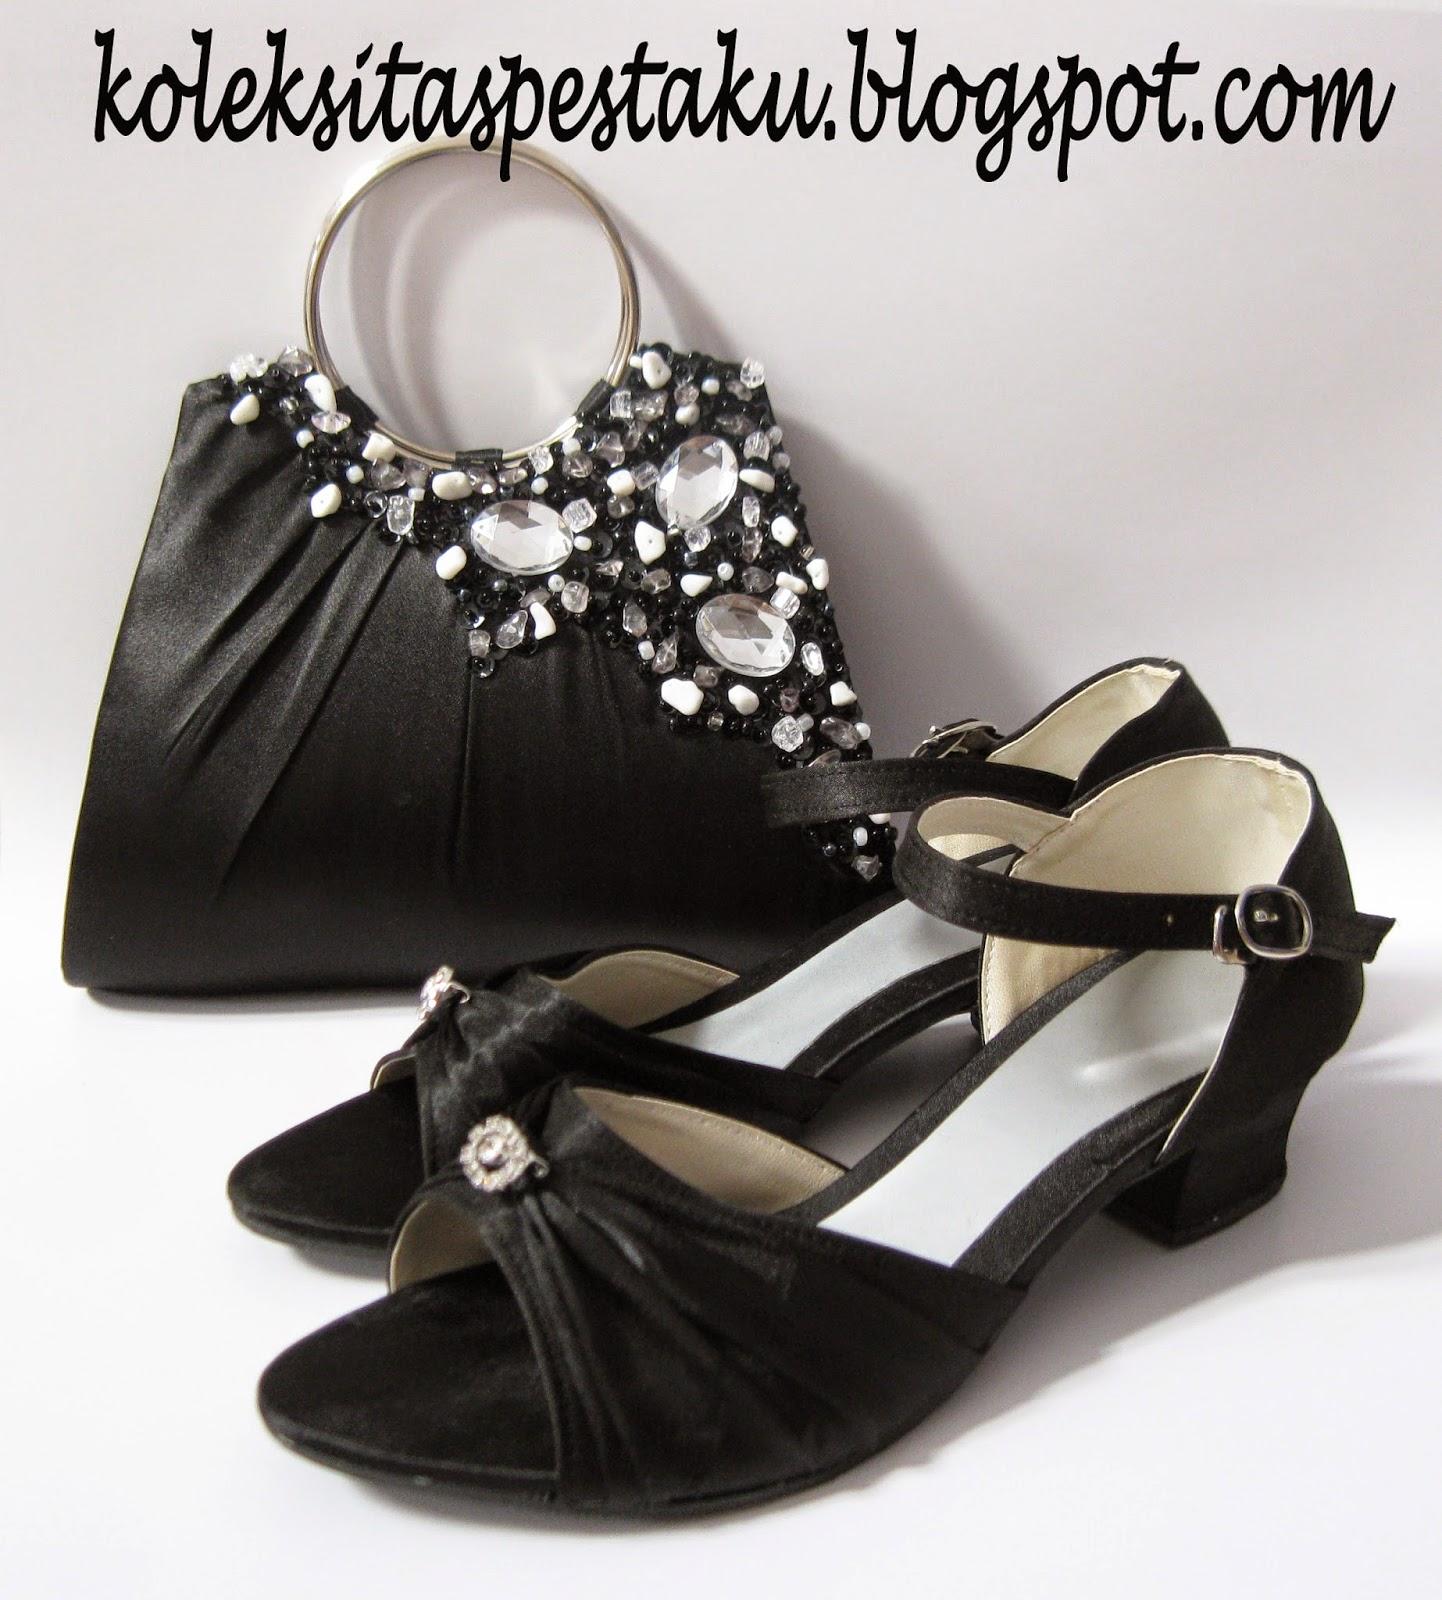 Sepatu dan tas pessta clutch bag hand made cantik murah